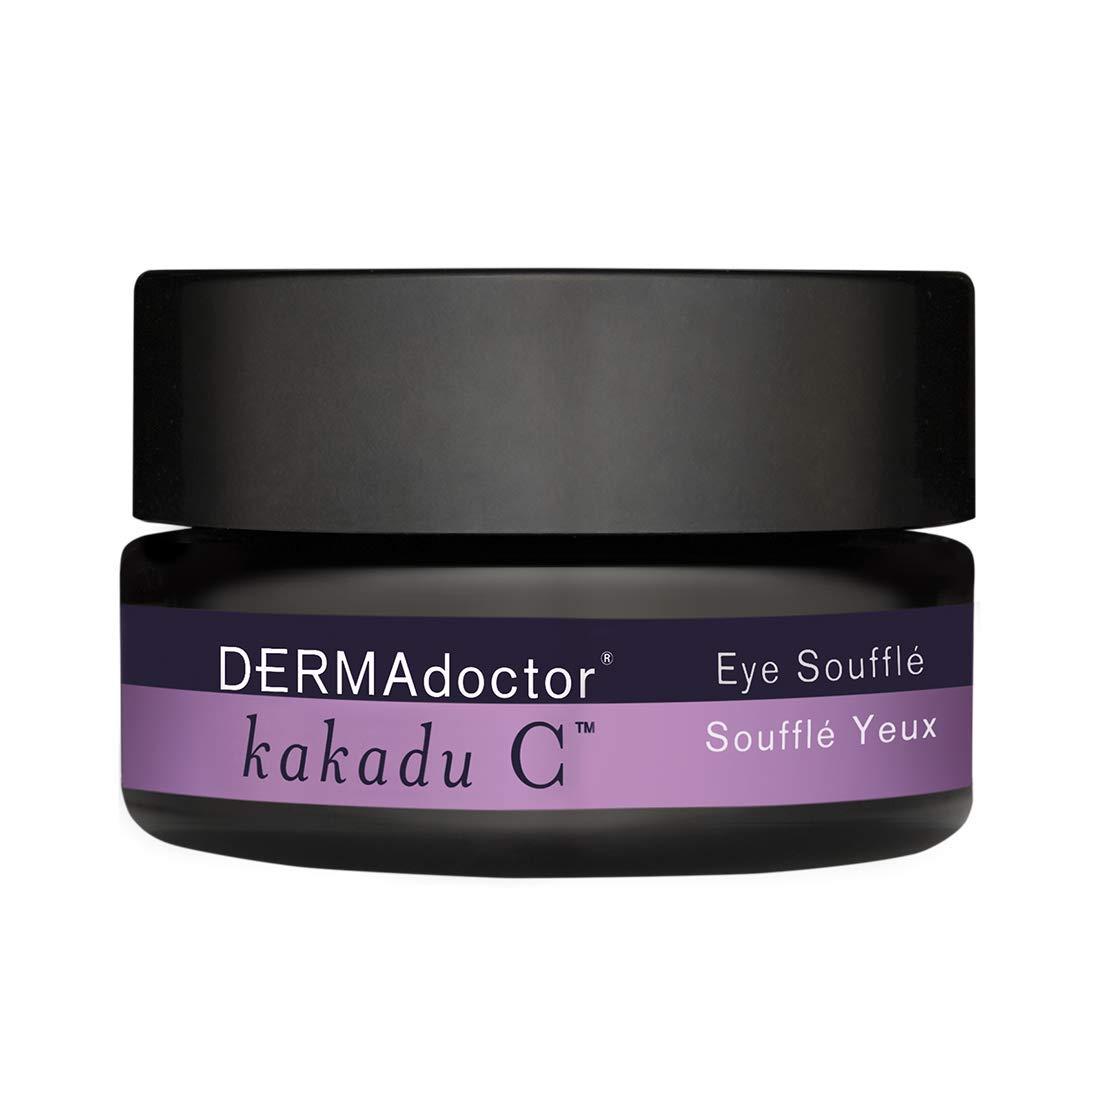 DERMAdoctor Kakadu C Eye Souffle, 0.5 Fl Oz